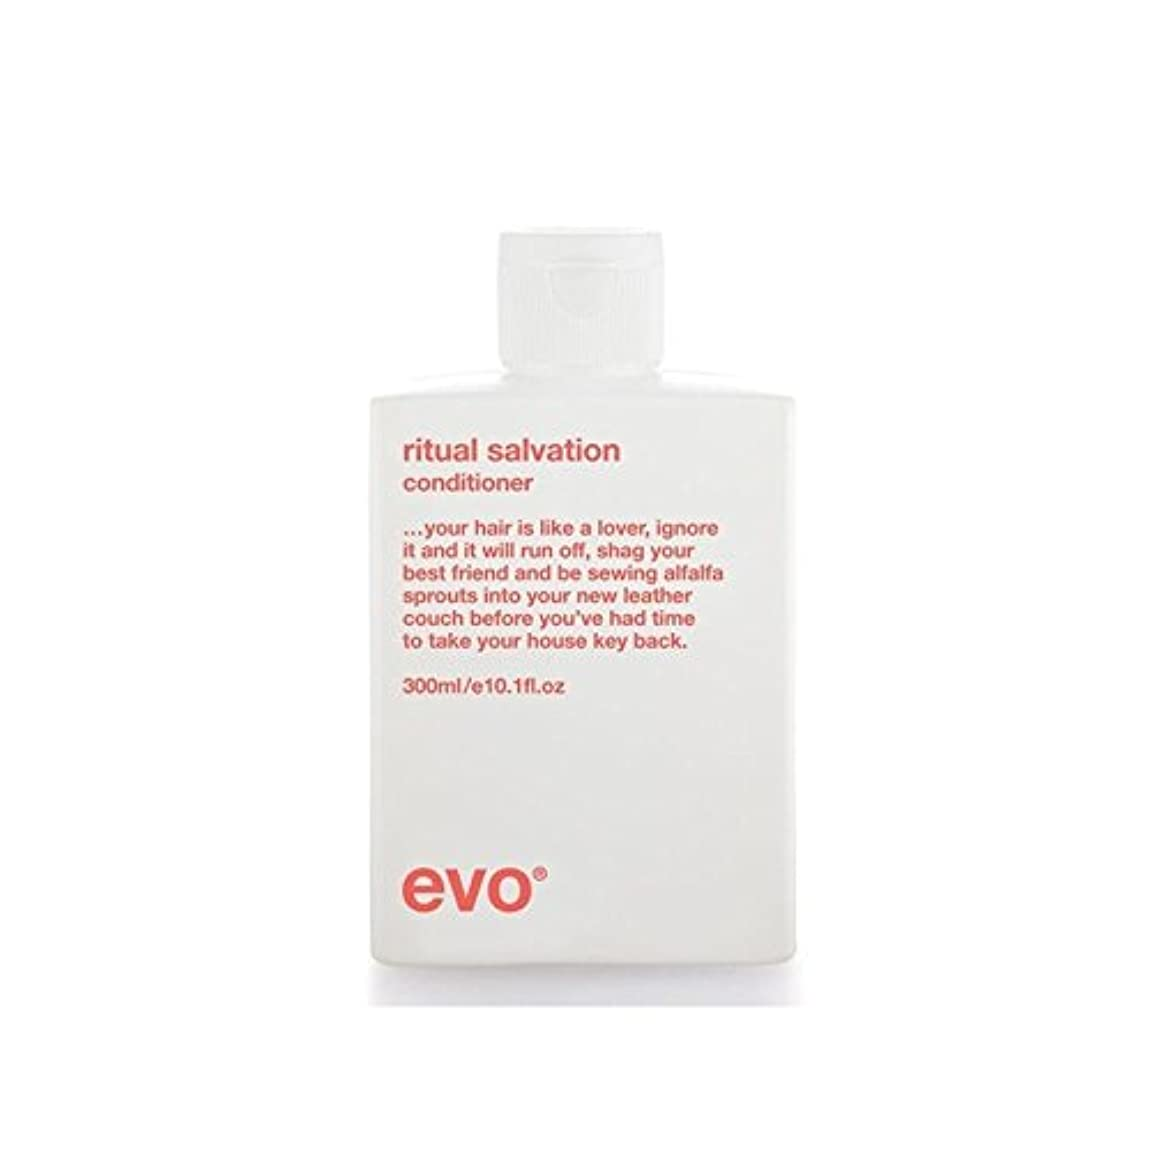 懐疑論病な合併症Evo Ritual Salvation Conditioner (300ml) (Pack of 6) - 儀式救いコンディショナー(300ミリリットル) x6 [並行輸入品]